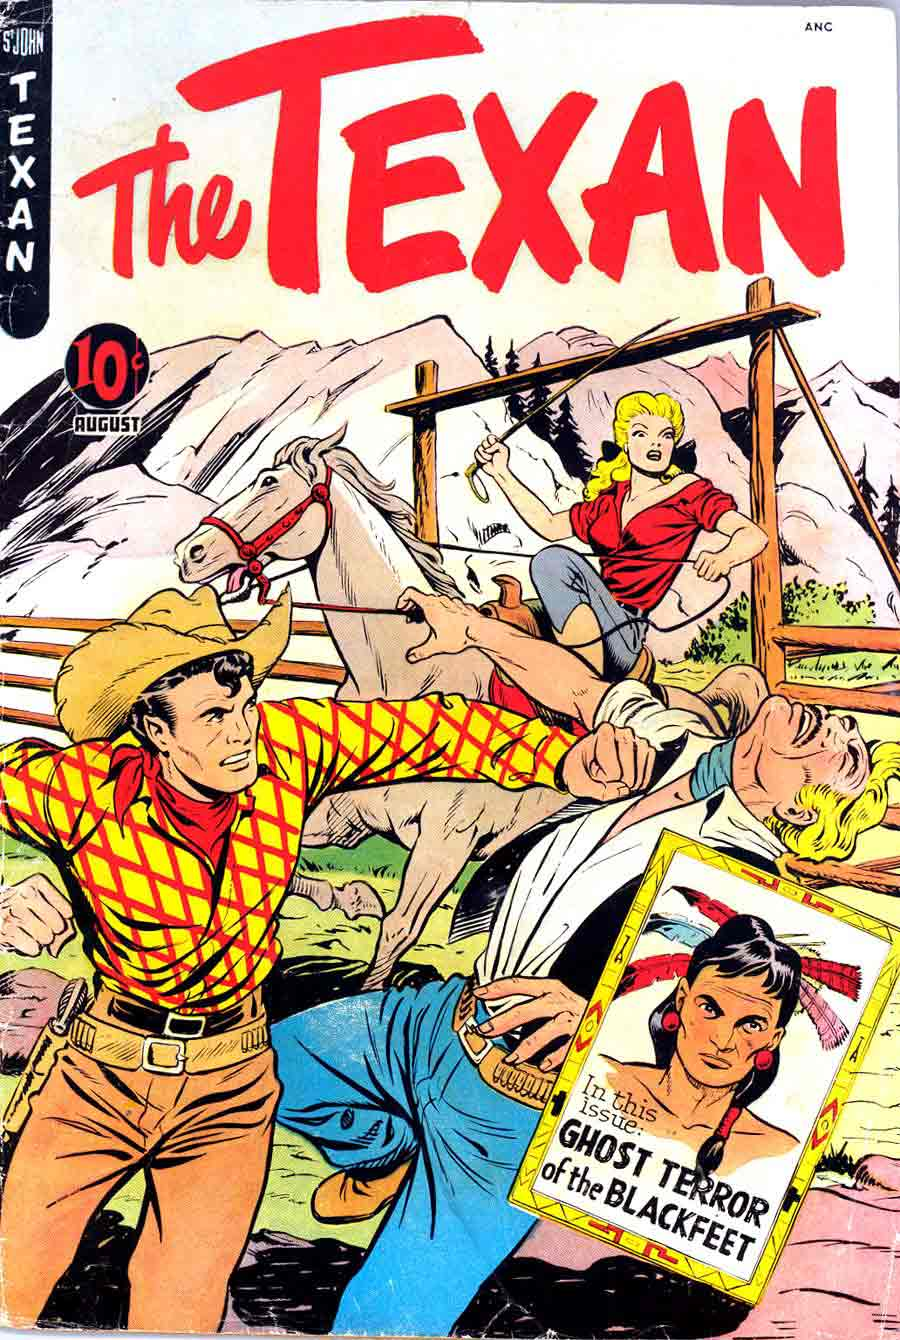 Matt Baker golden age 1950s st. john western comic book cover art - Texan #9